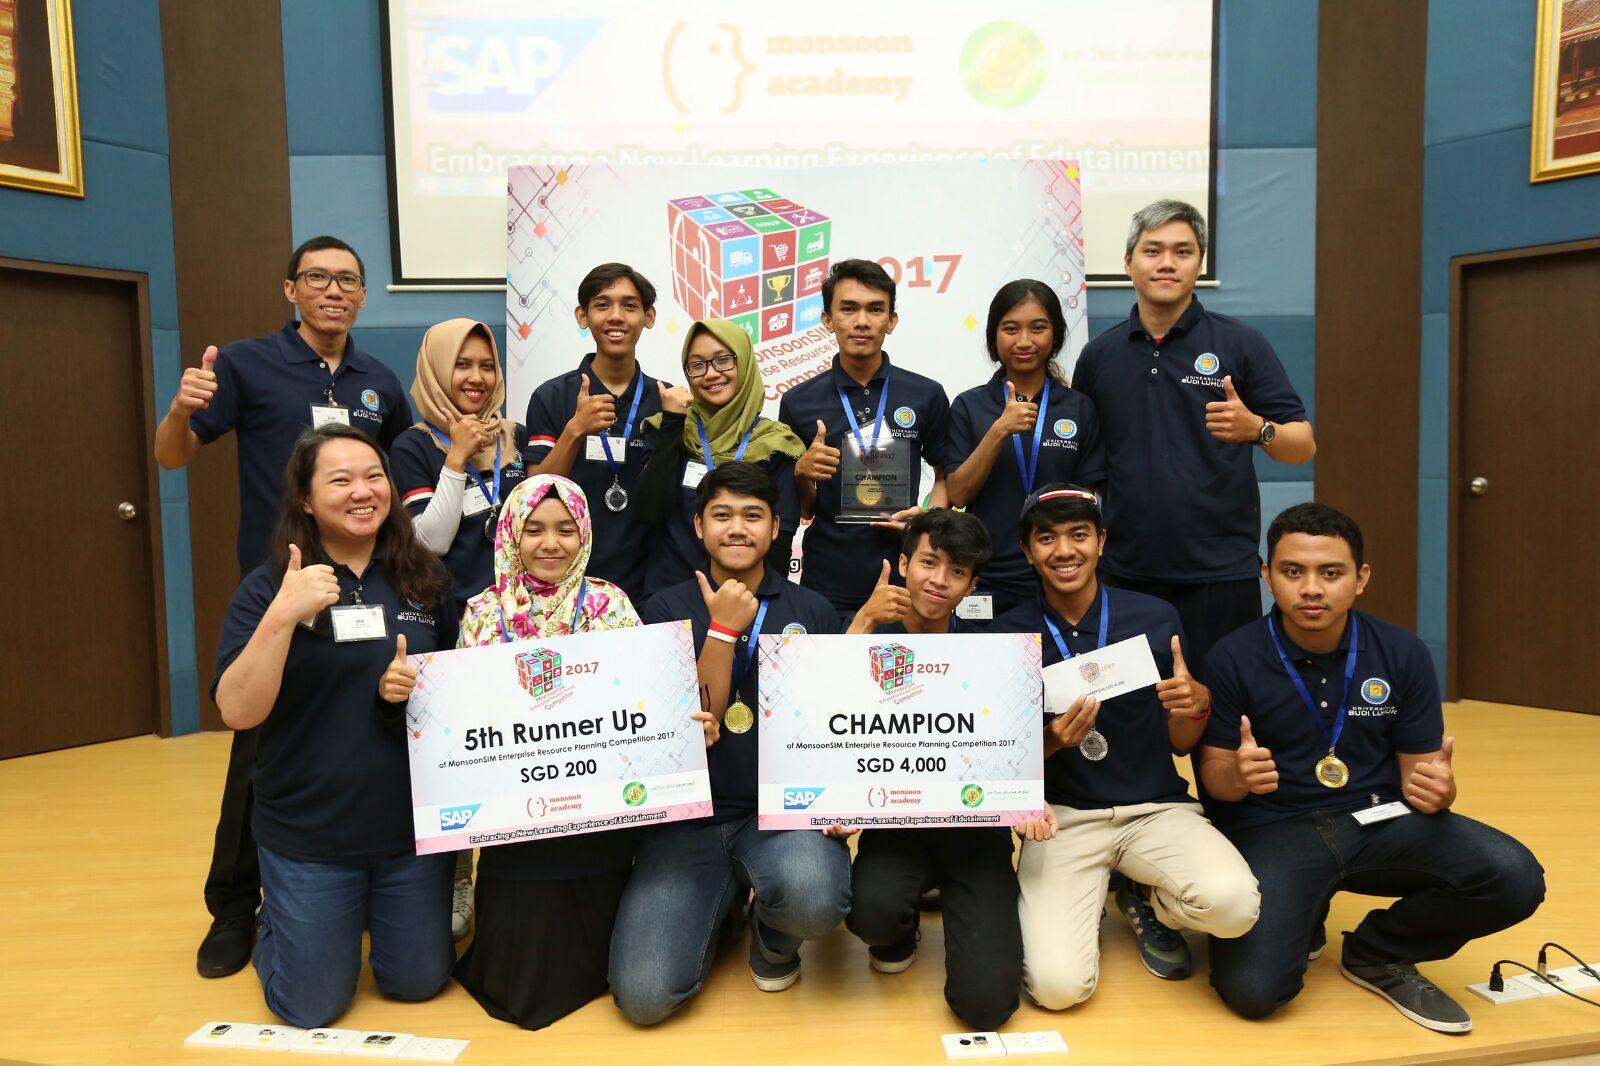 Universitas Budi Luhur Meraih Juara 1 dan 6 Pada Ajang MERPC 2017 di Kasetsart University, Bangkok-Thailand